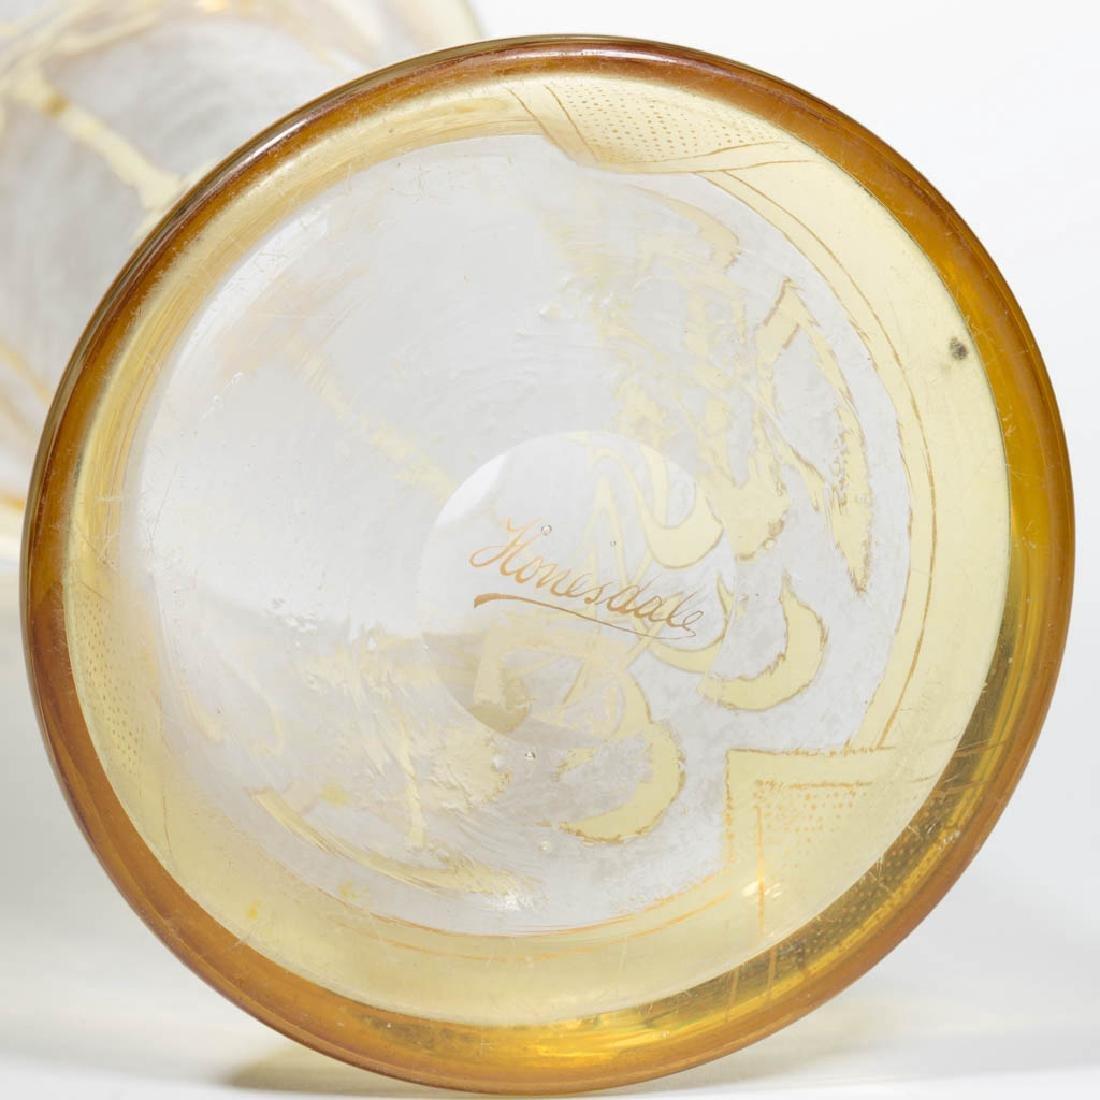 DORFLINGER HONESDALE CAMEO ART GLASS VASE - 3